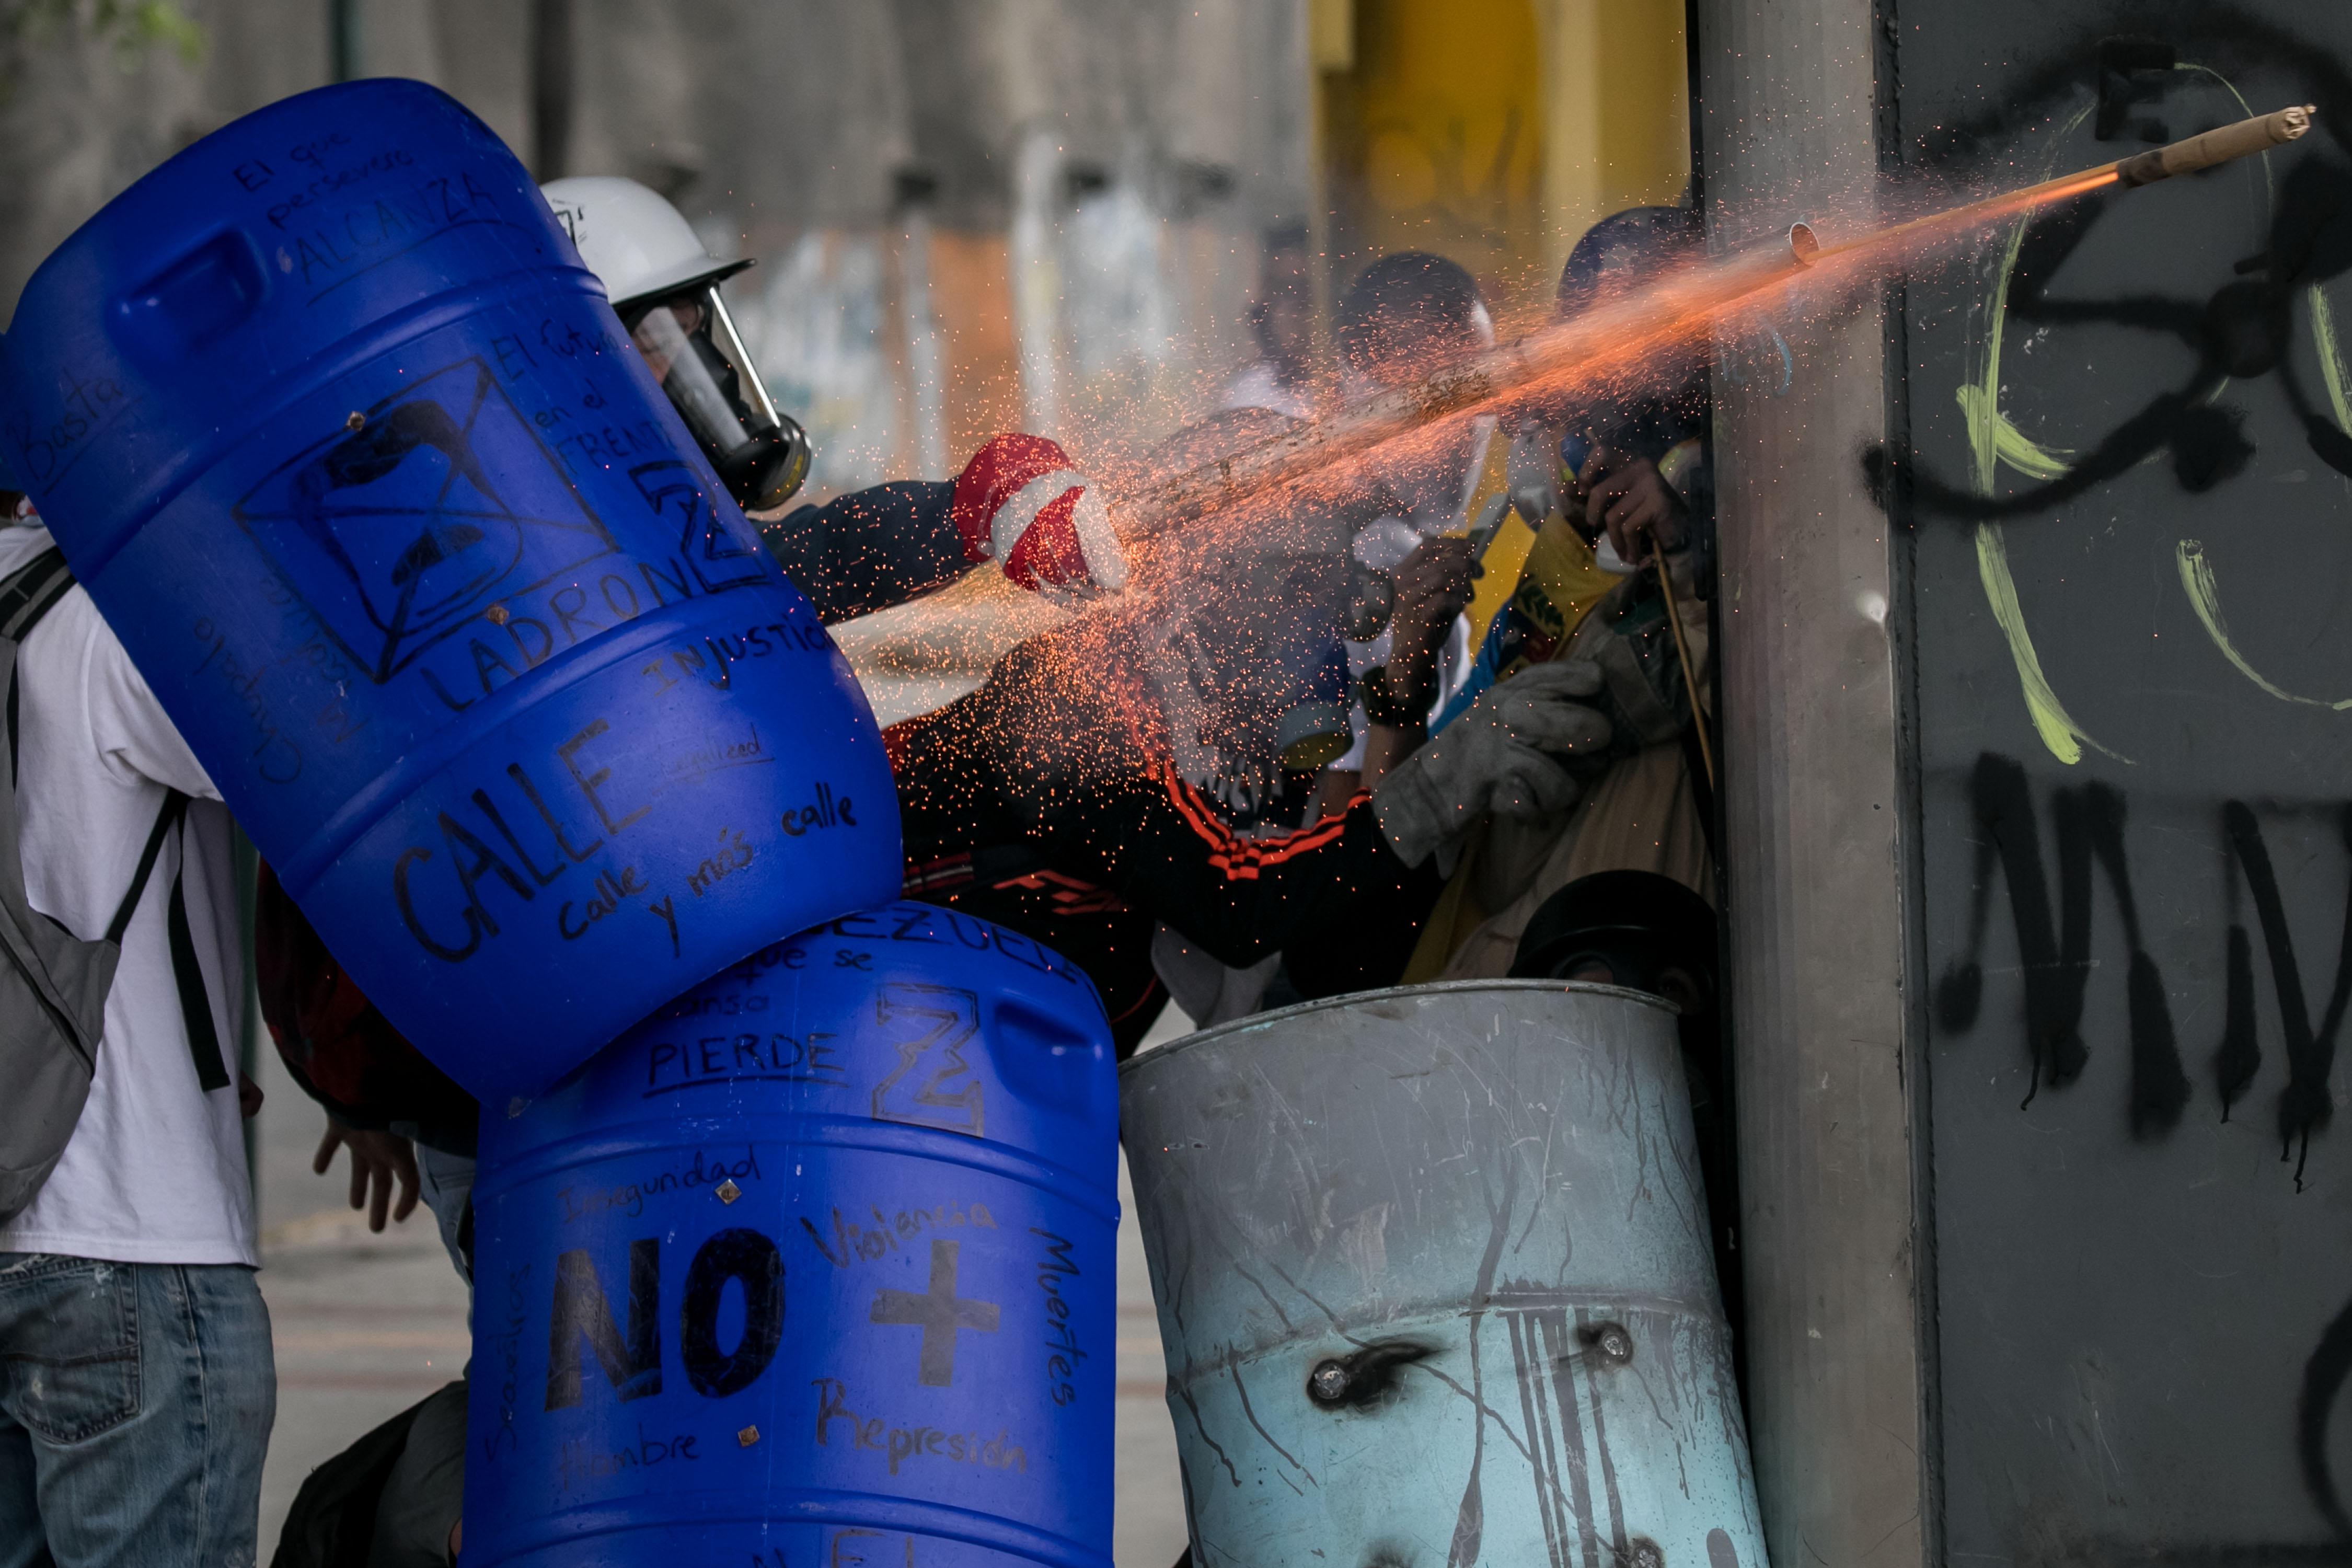 -FOTODELDIA- CAR019 CARACAS (VENEZUELA), 07/06/2017.- Venezolanos opositores se enfrentan a la Policía Nacional Bolivariana (PNB) durante una manifestación hoy, miércoles 7 de junio de 2017, en Caracas (Venezuela). Agentes de la fuerza pública venezolana dispersaron hoy con gases lacrimógenos varias de las manifestaciones convocadas en el país por la oposición hacia las sedes del Poder Electoral para protestar por el eventual cambio de Constitución que impulsa el Gobierno. EFE/MIGUEL GUTIÉRREZ